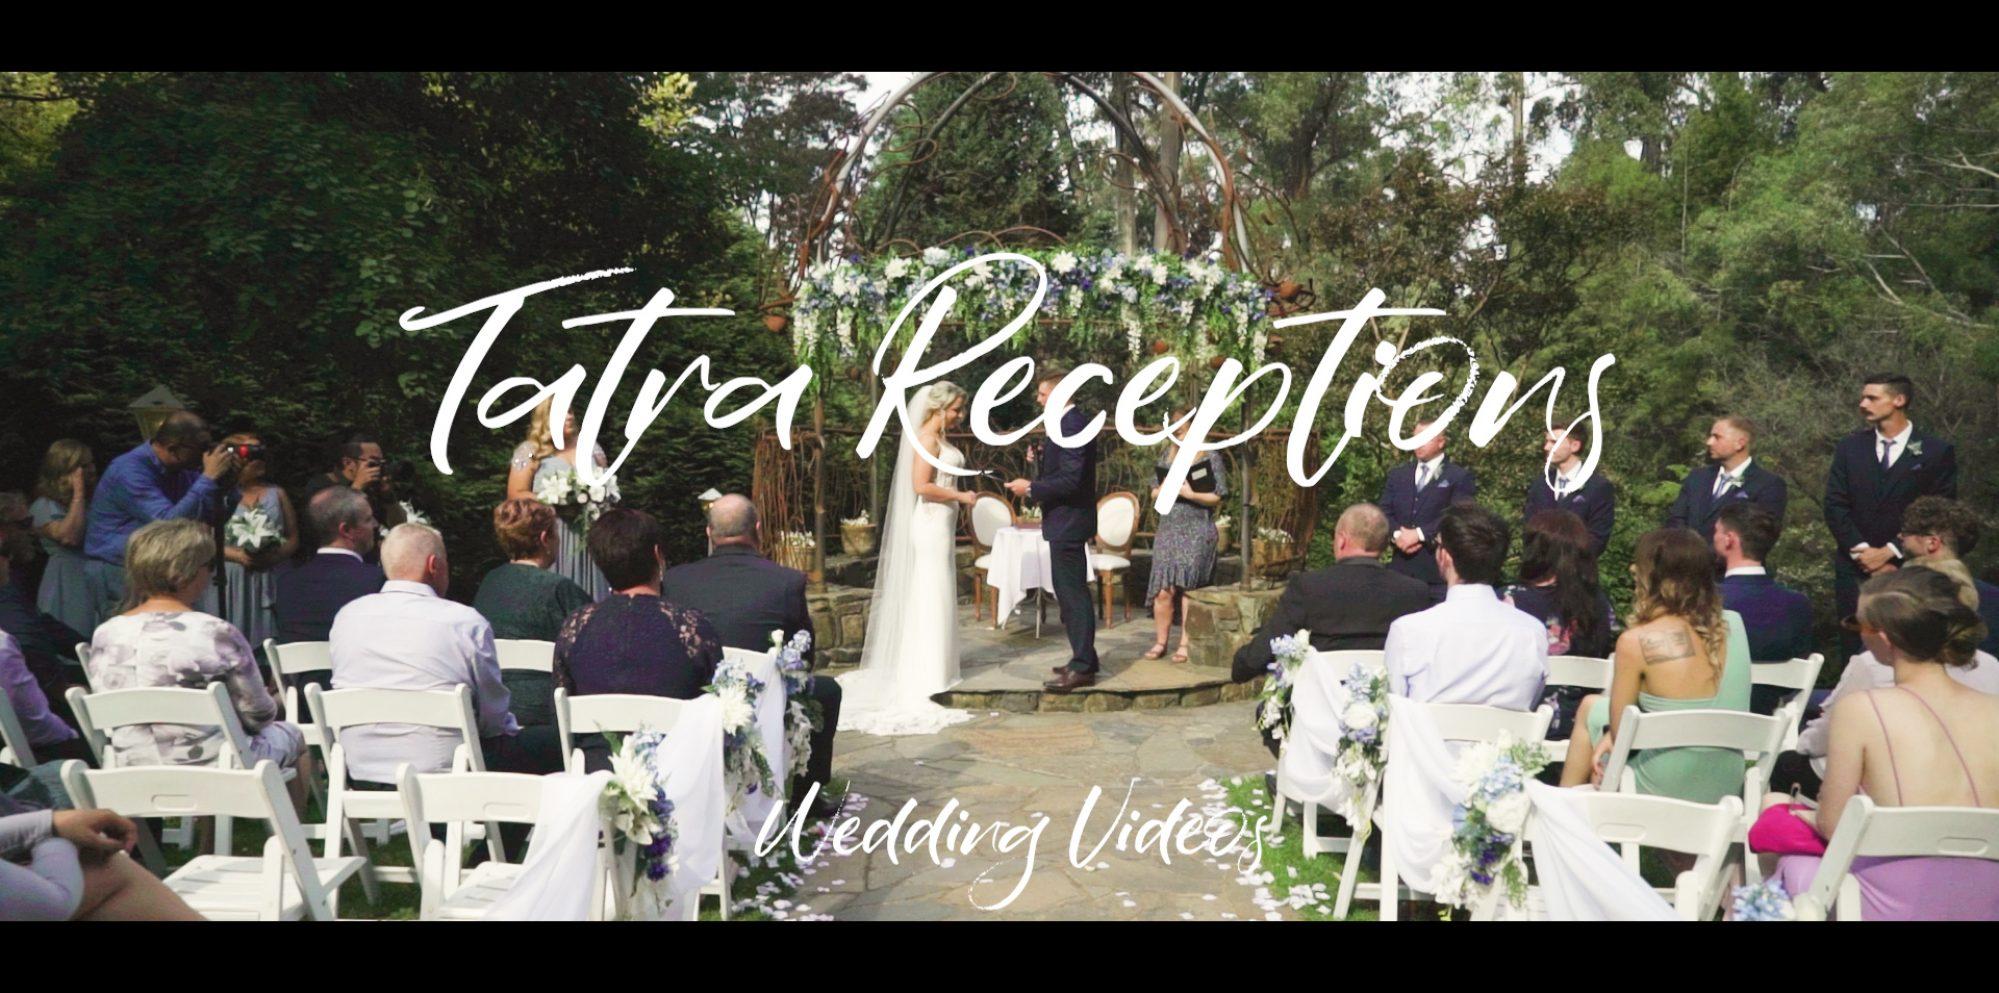 Kelly & matt wedding video@ tatra receptions